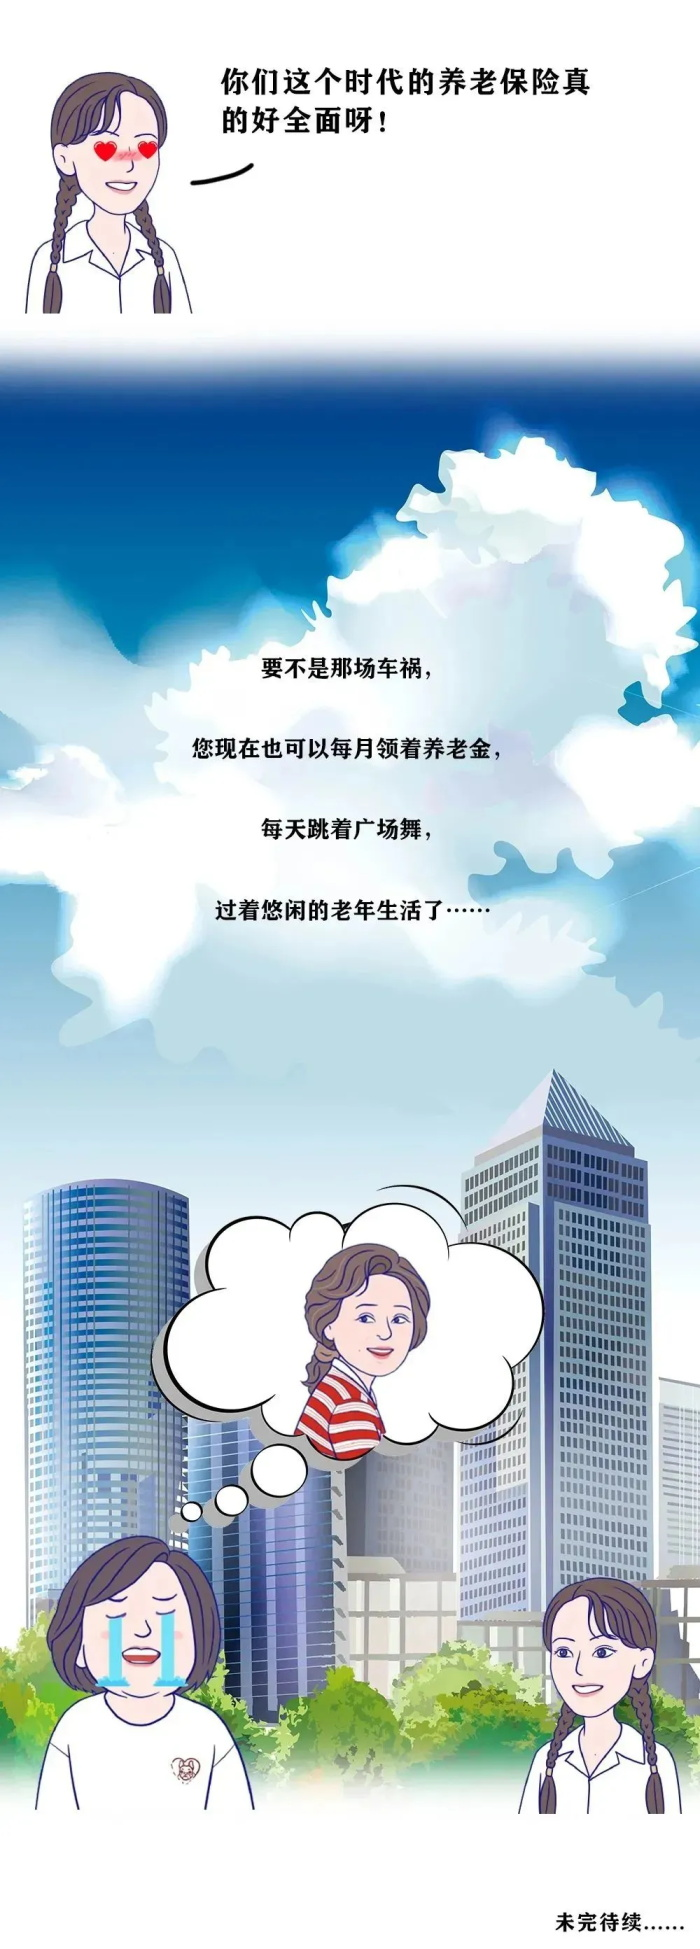 《你好,李焕英》社保番外篇!(漫画版)